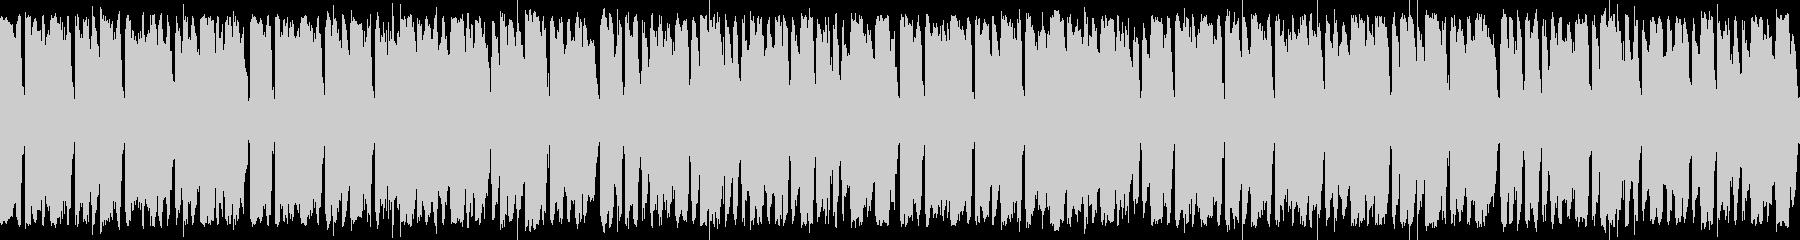 ケルト音楽風ループ BGMの未再生の波形